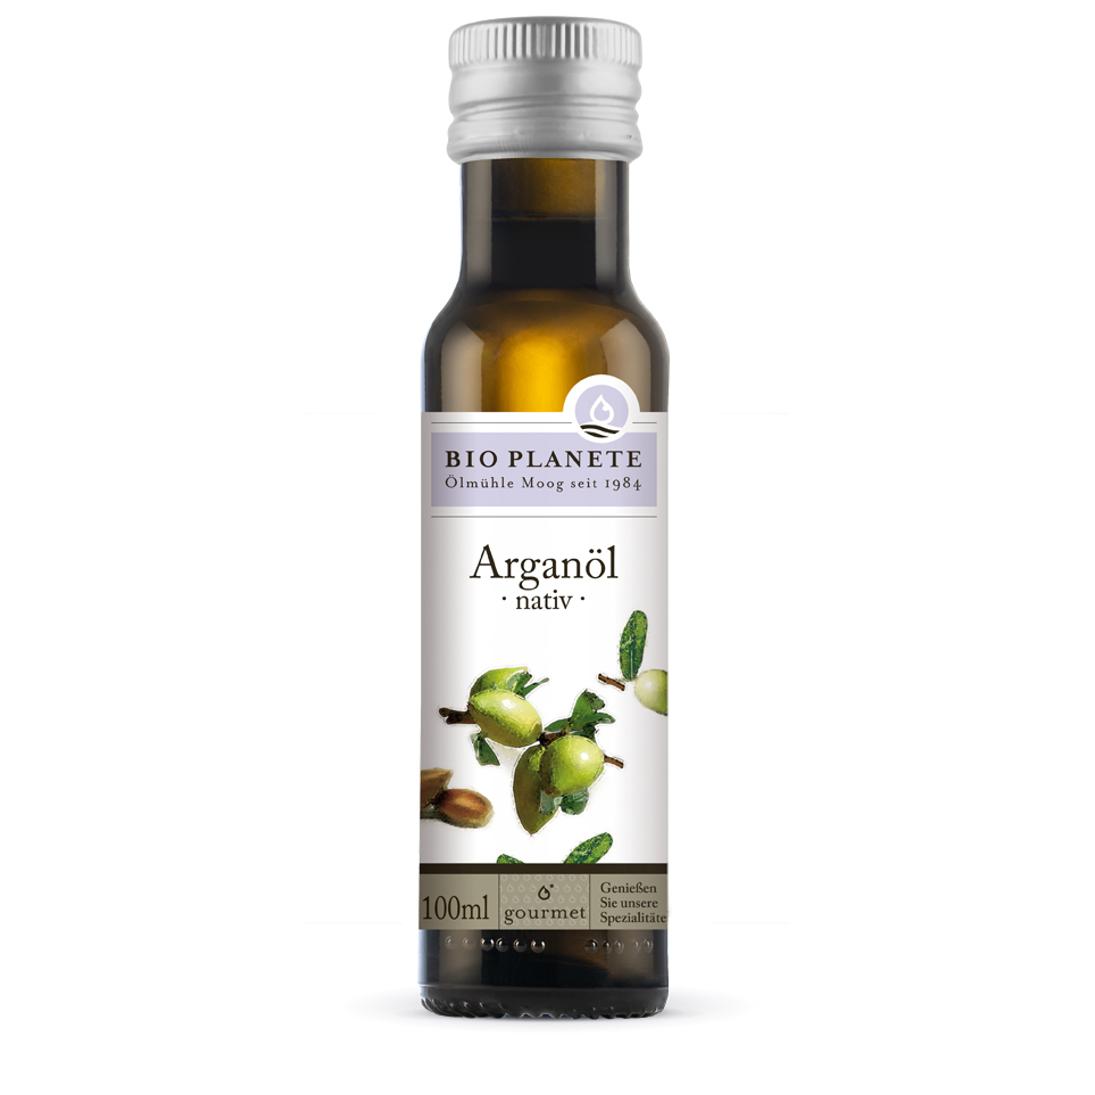 arganöl-nativ-100ml-bio-planete